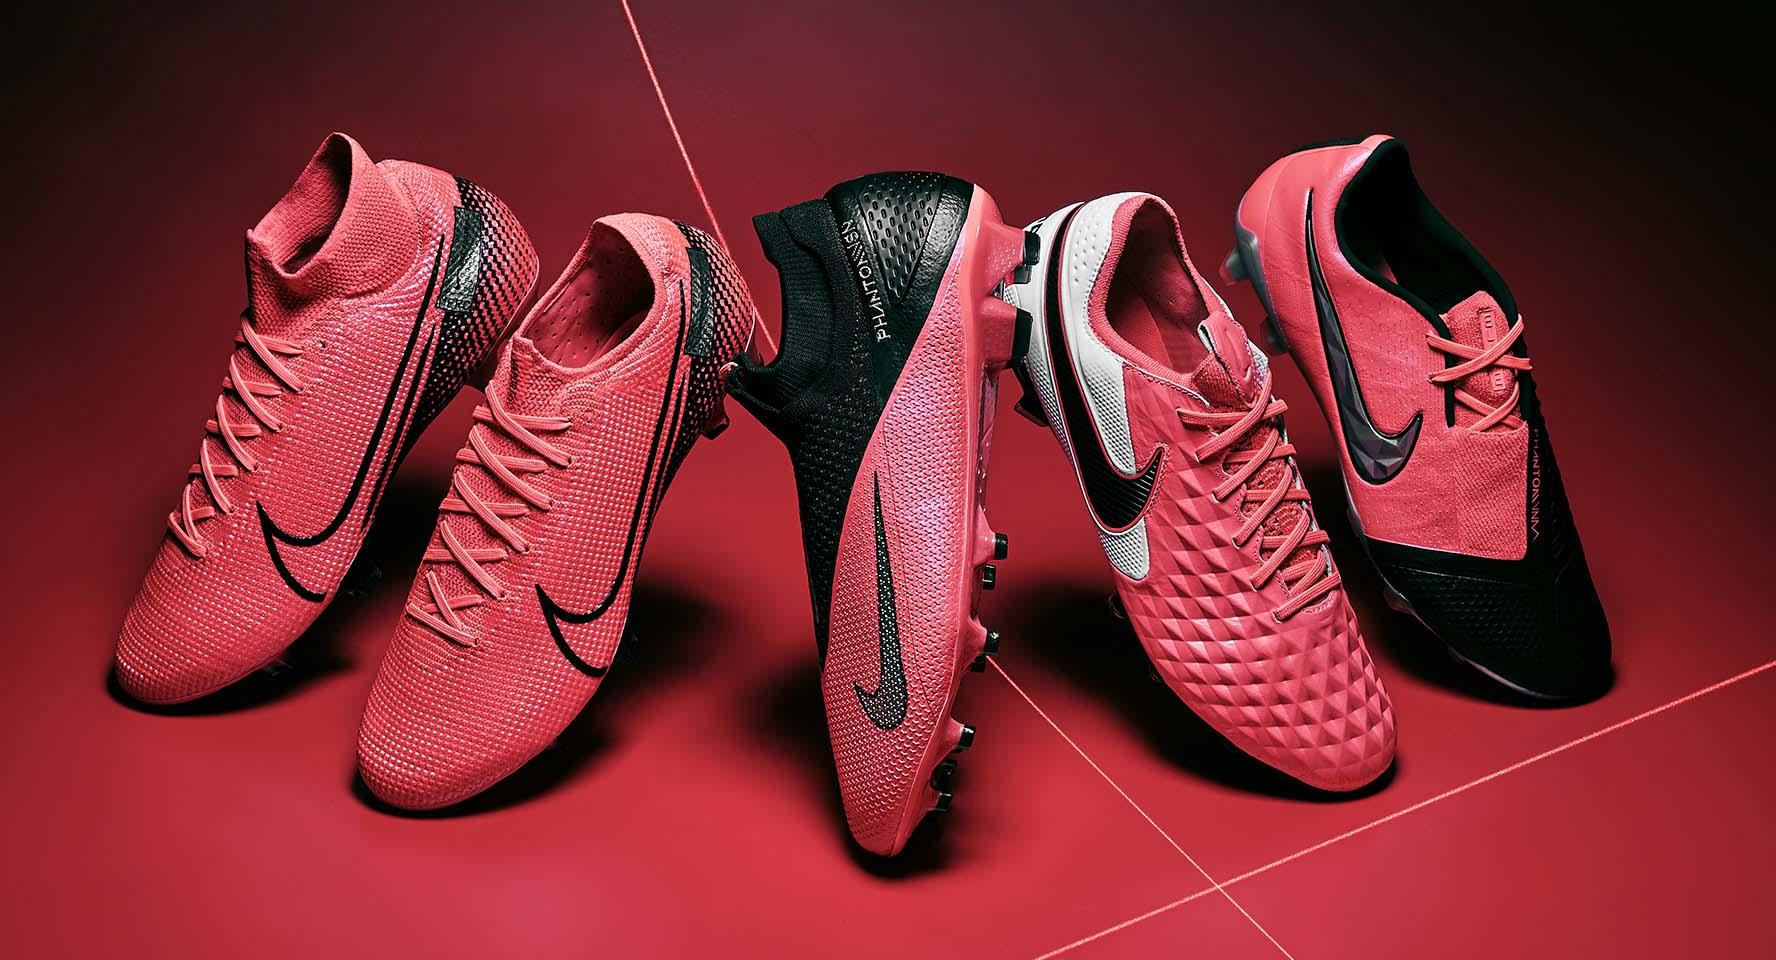 Nên chọn giày đá bóng Nike hay Adidas sẽ tốt hơn?